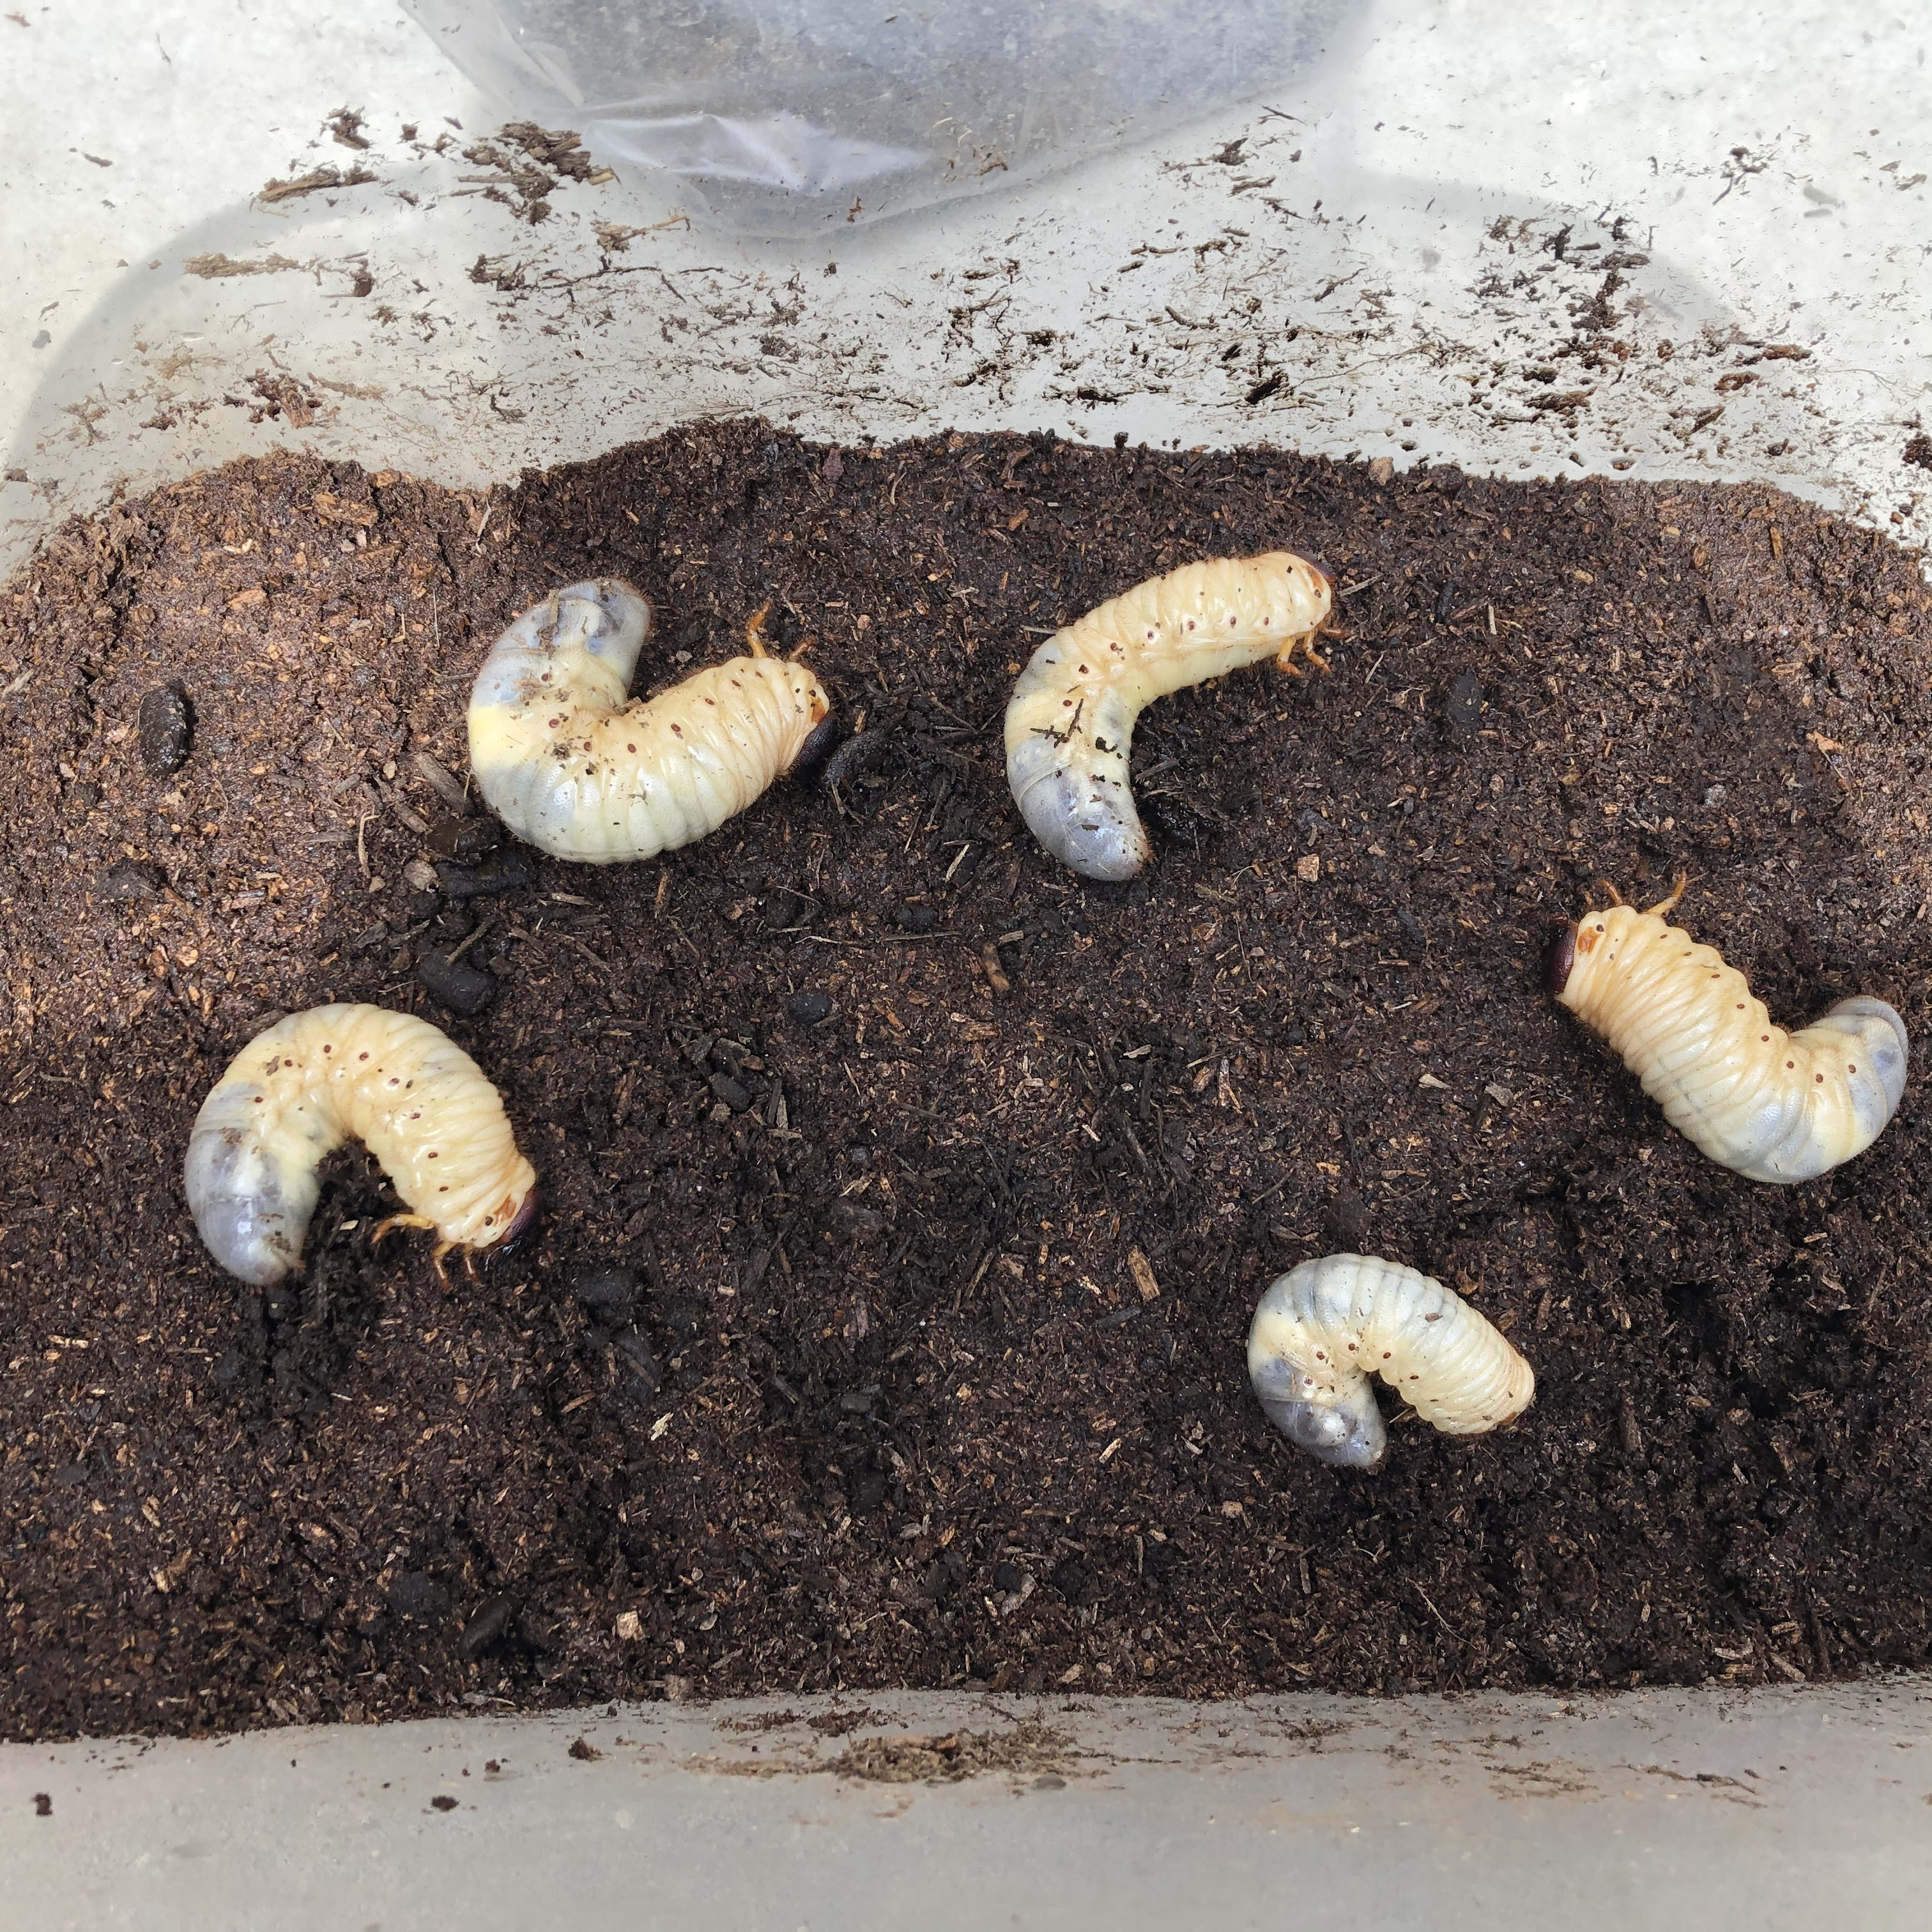 幼虫 さなぎ カブトムシ